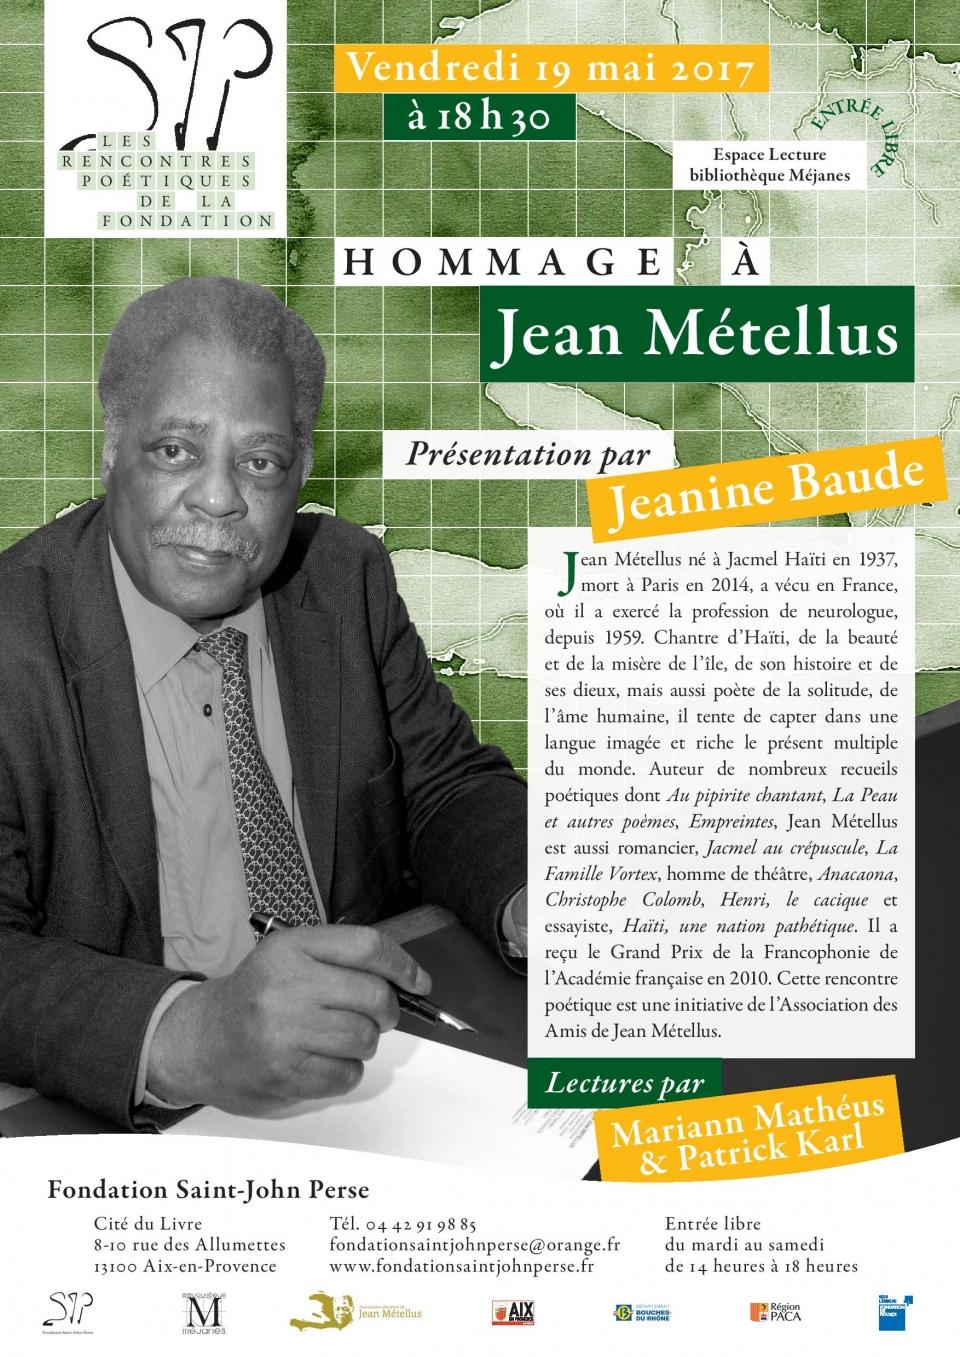 Hommage à Jean Métellus à la Fondation Saint-John Perse